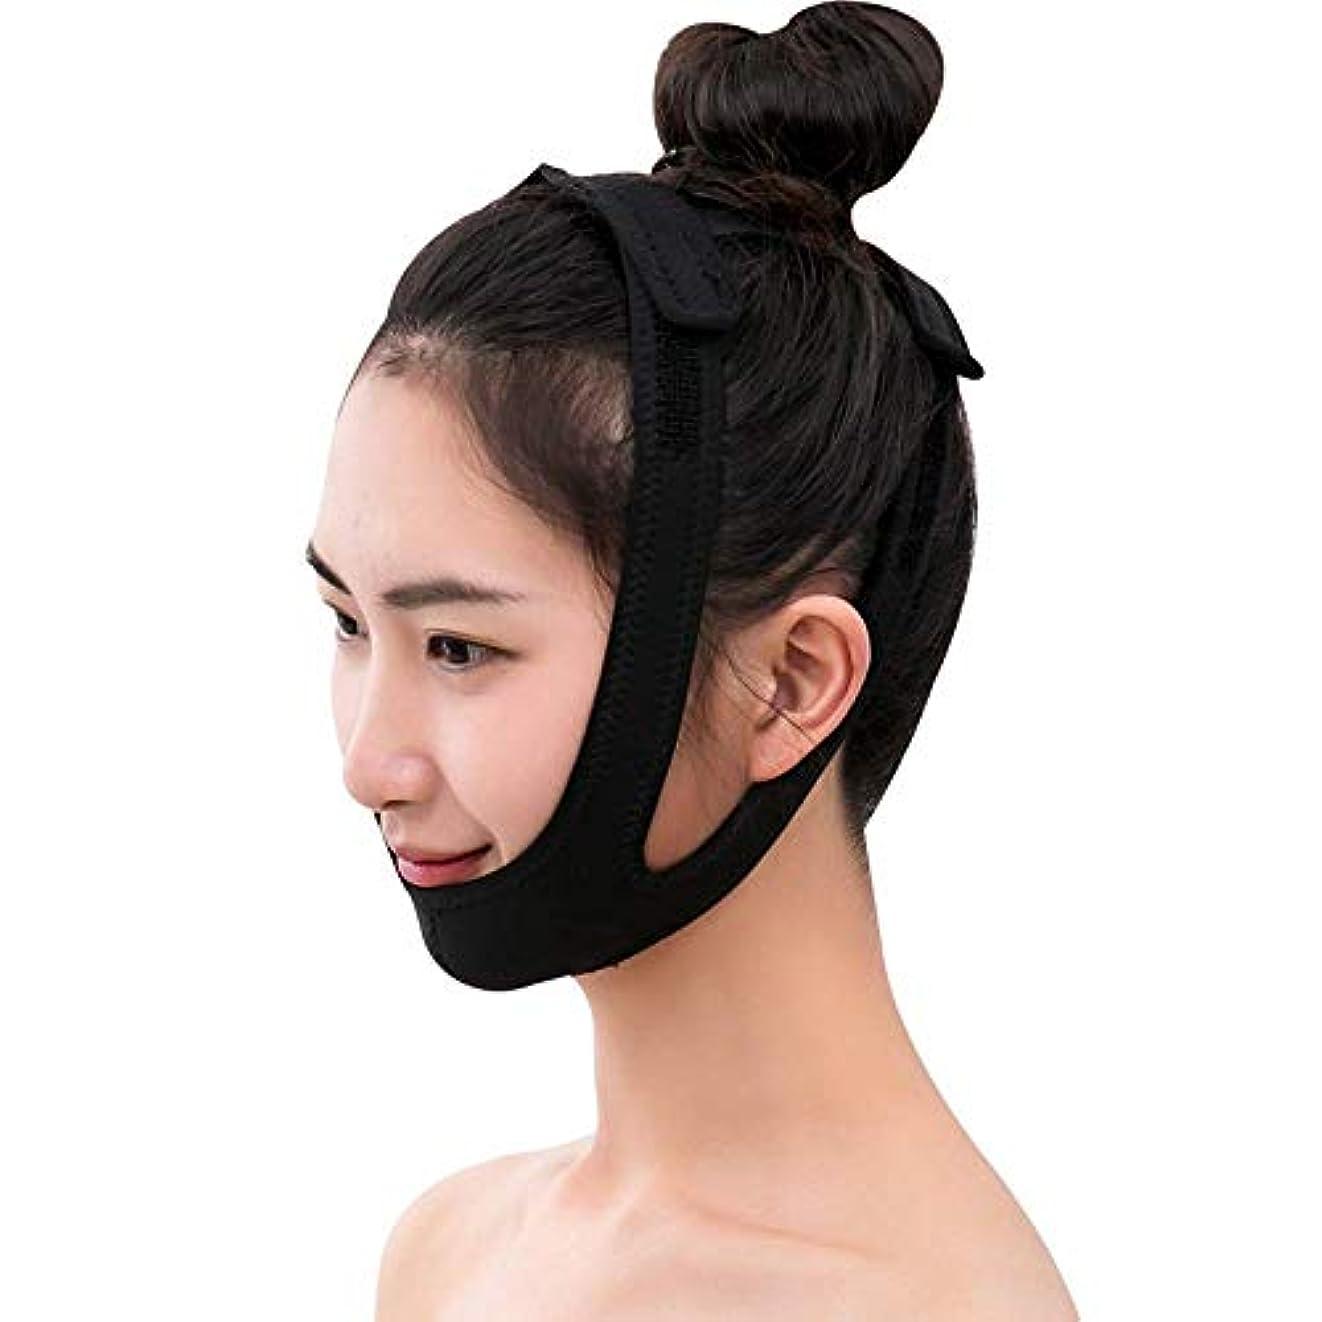 検証ハブ徴収薄い顔のバンド薄い顔の包帯の美の器械の顔の上昇の睡眠のマスクは法律Vのマスクを通気性にするために